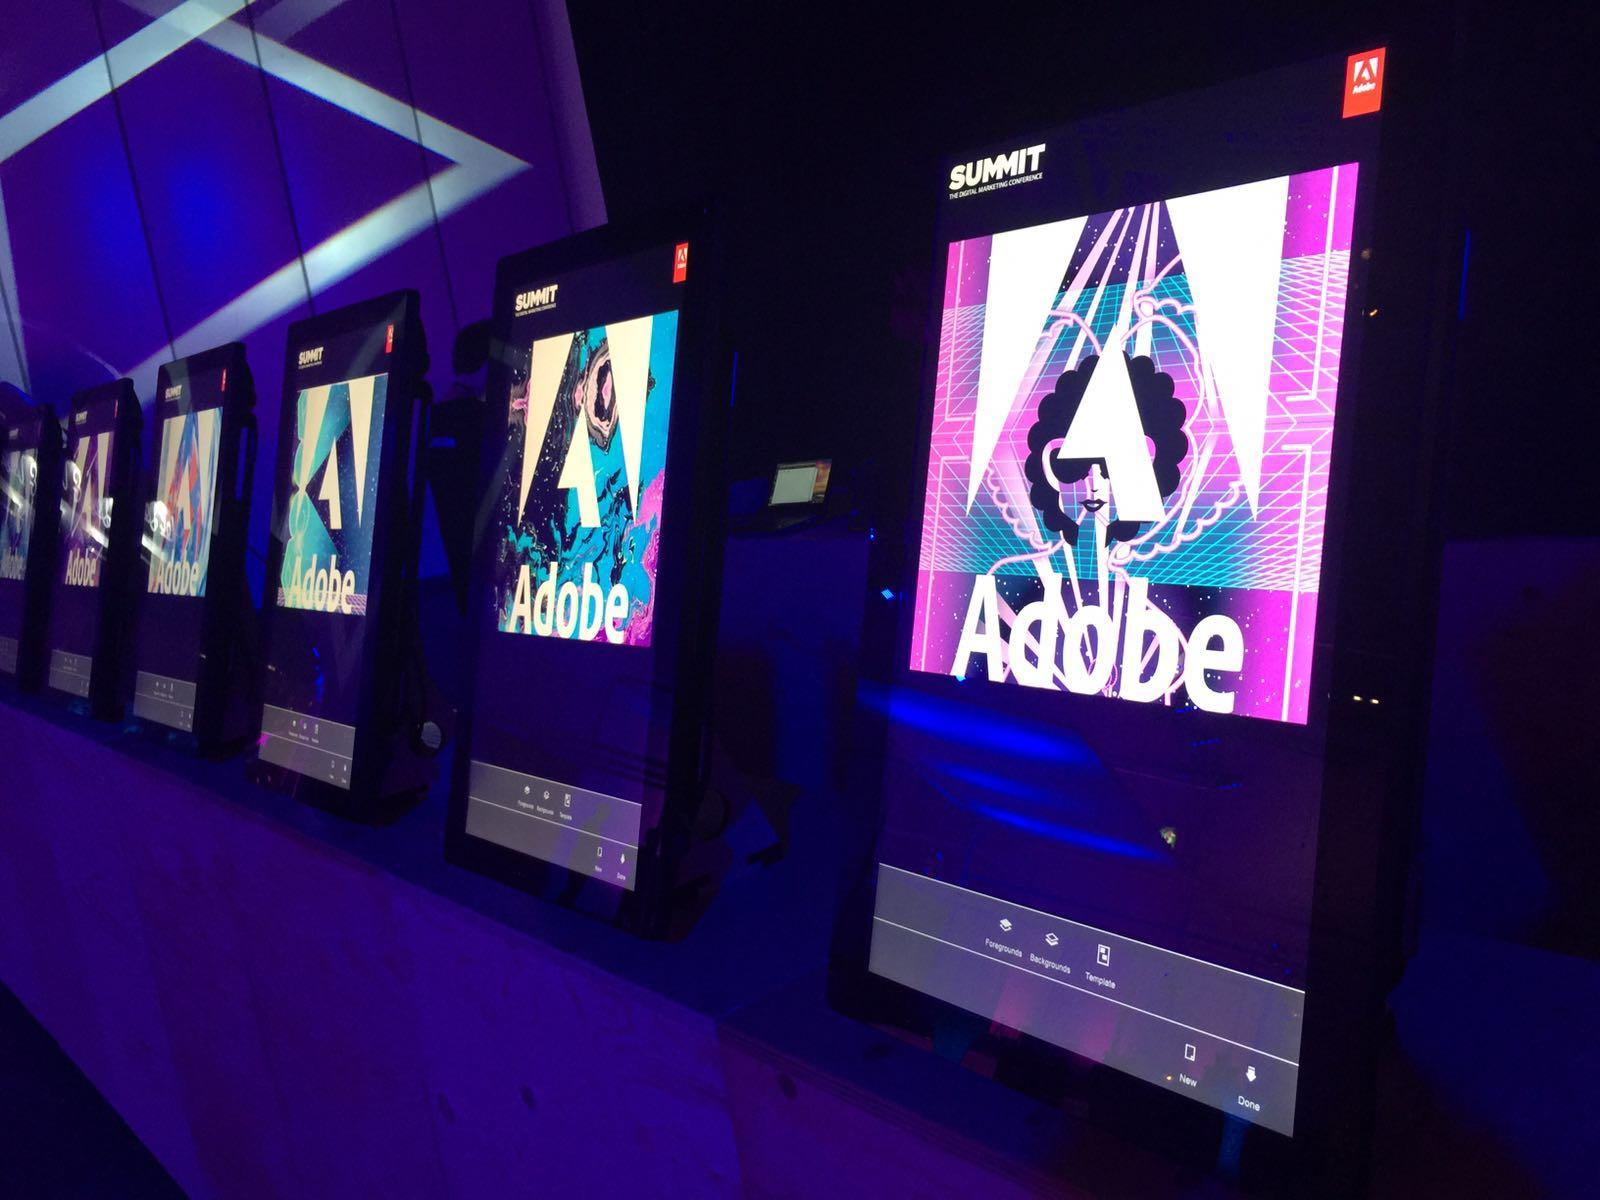 adobe-summit-party_26972192195_o_28466568453_o.jpg